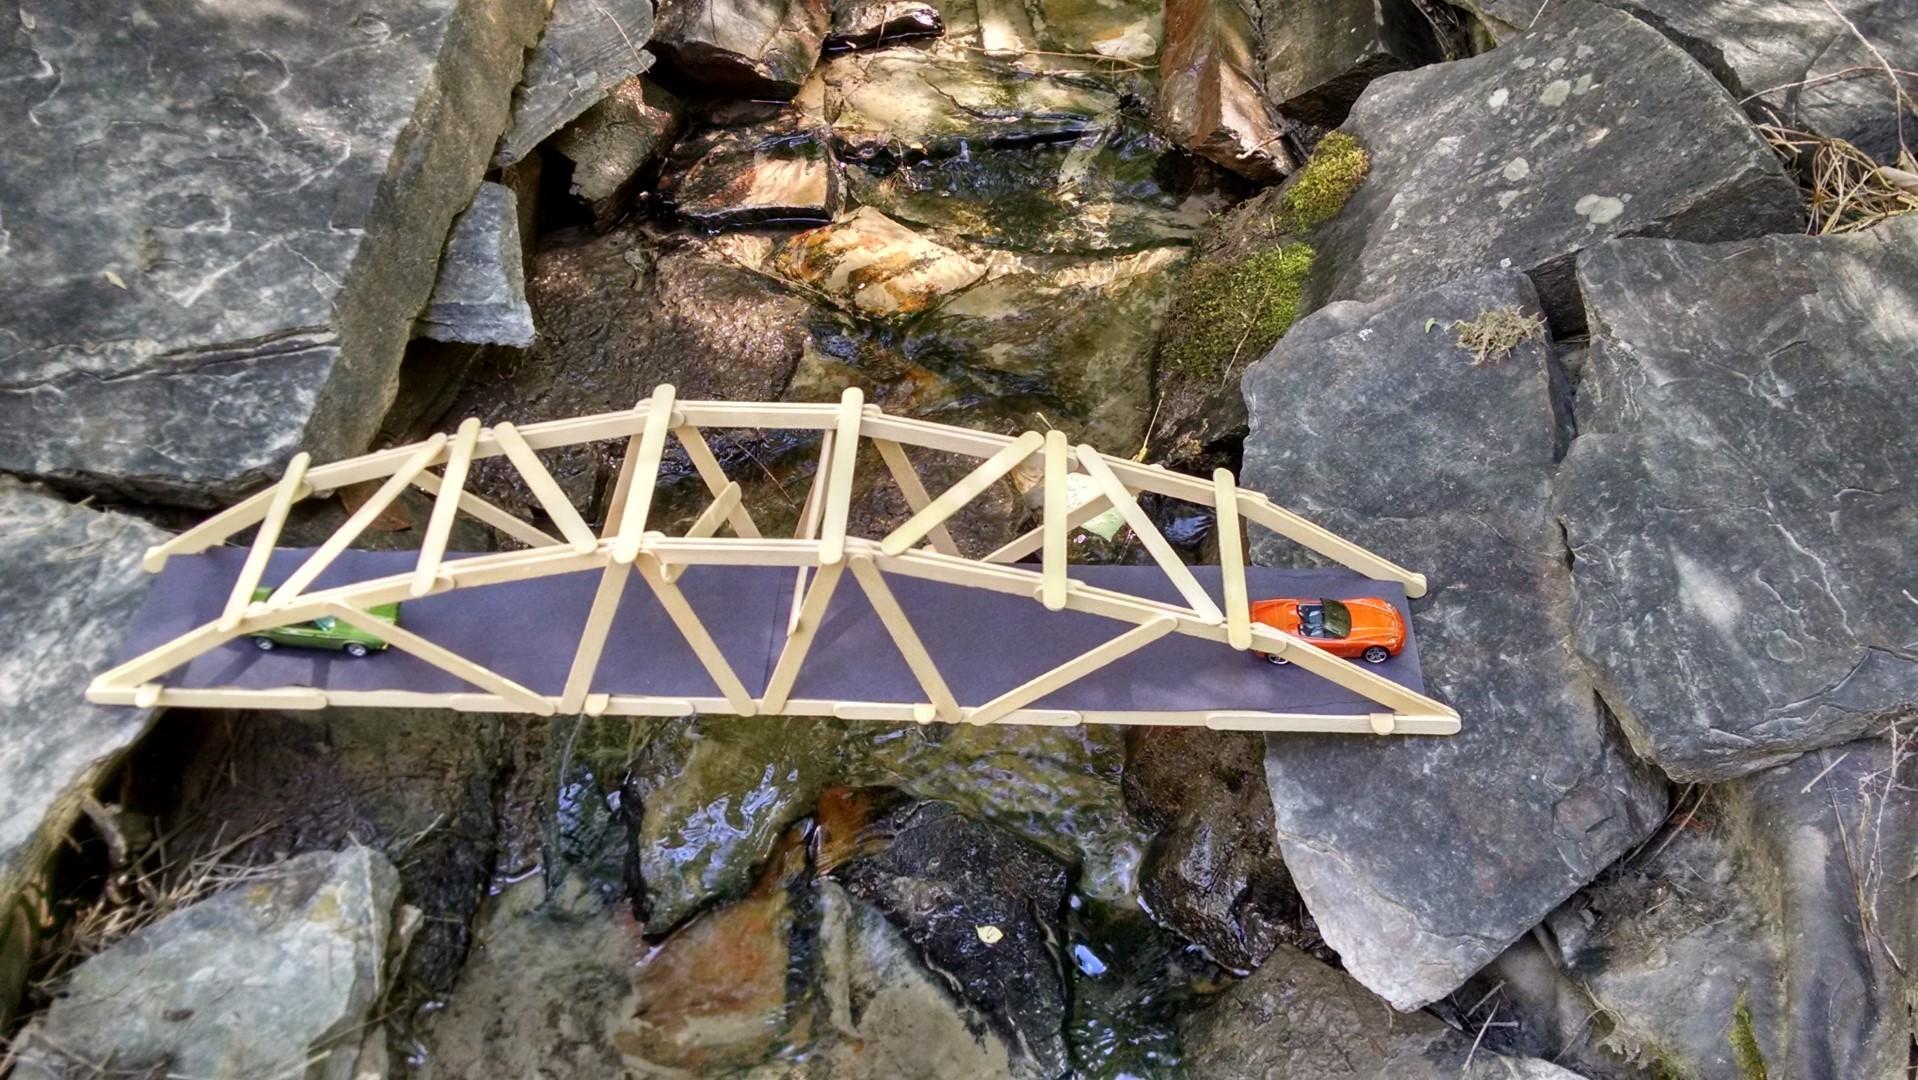 popsicle truss bridge instructions